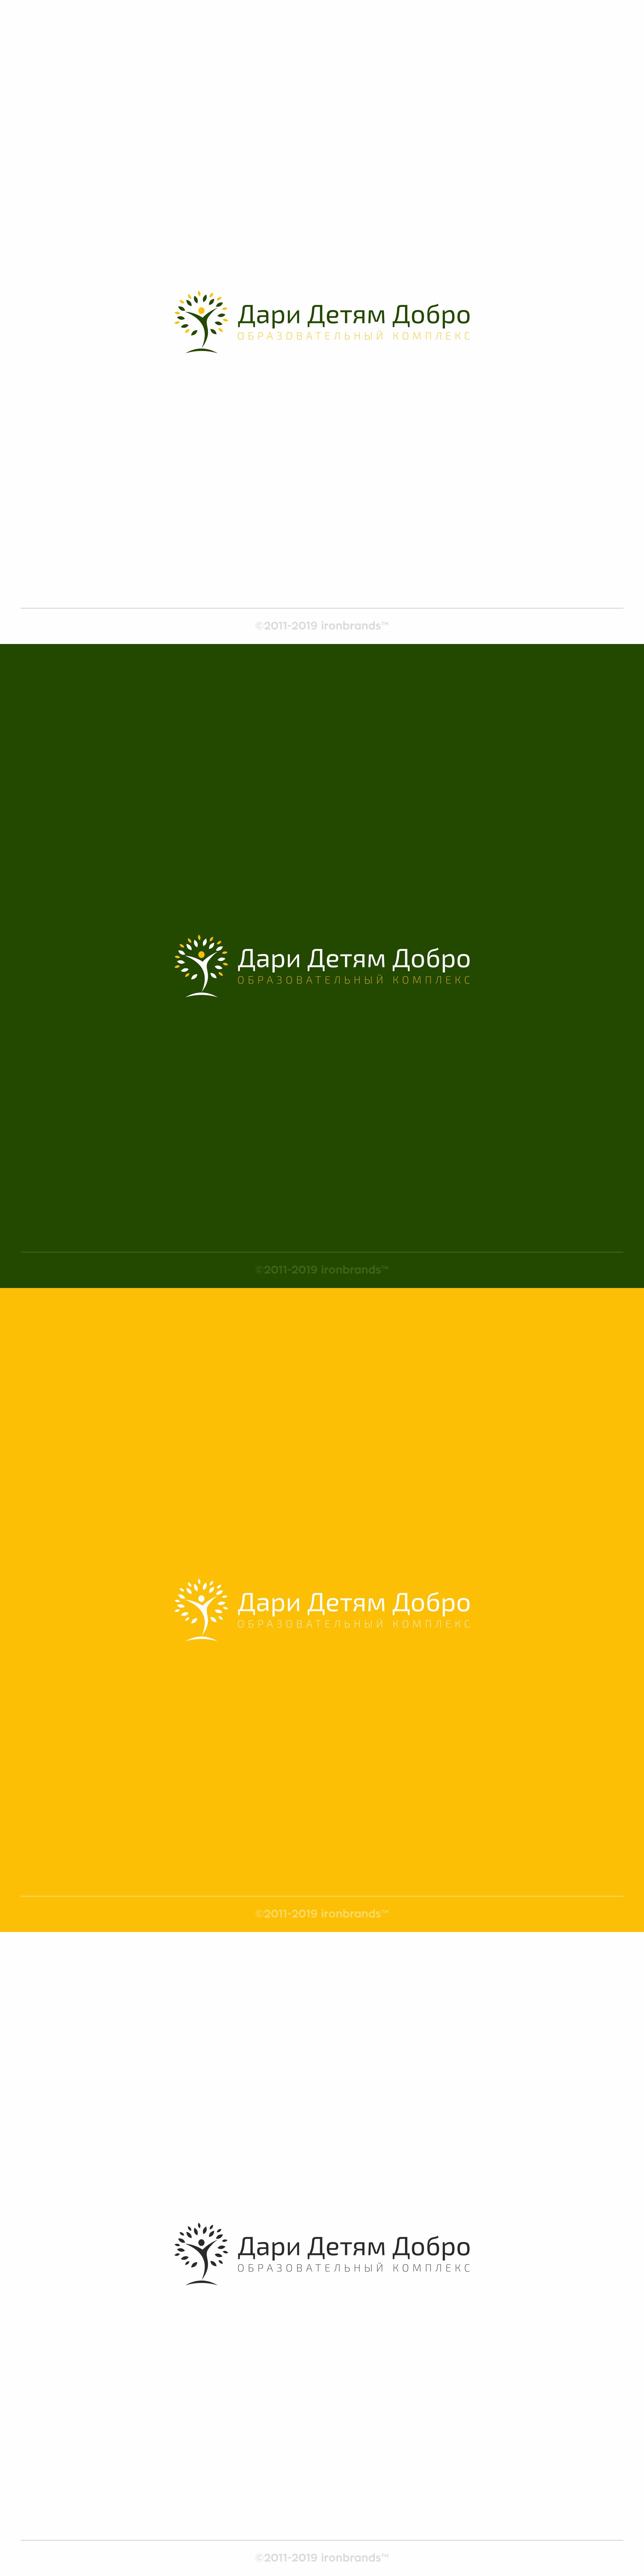 Логотип для образовательного комплекса фото f_0005c912b877329c.jpg